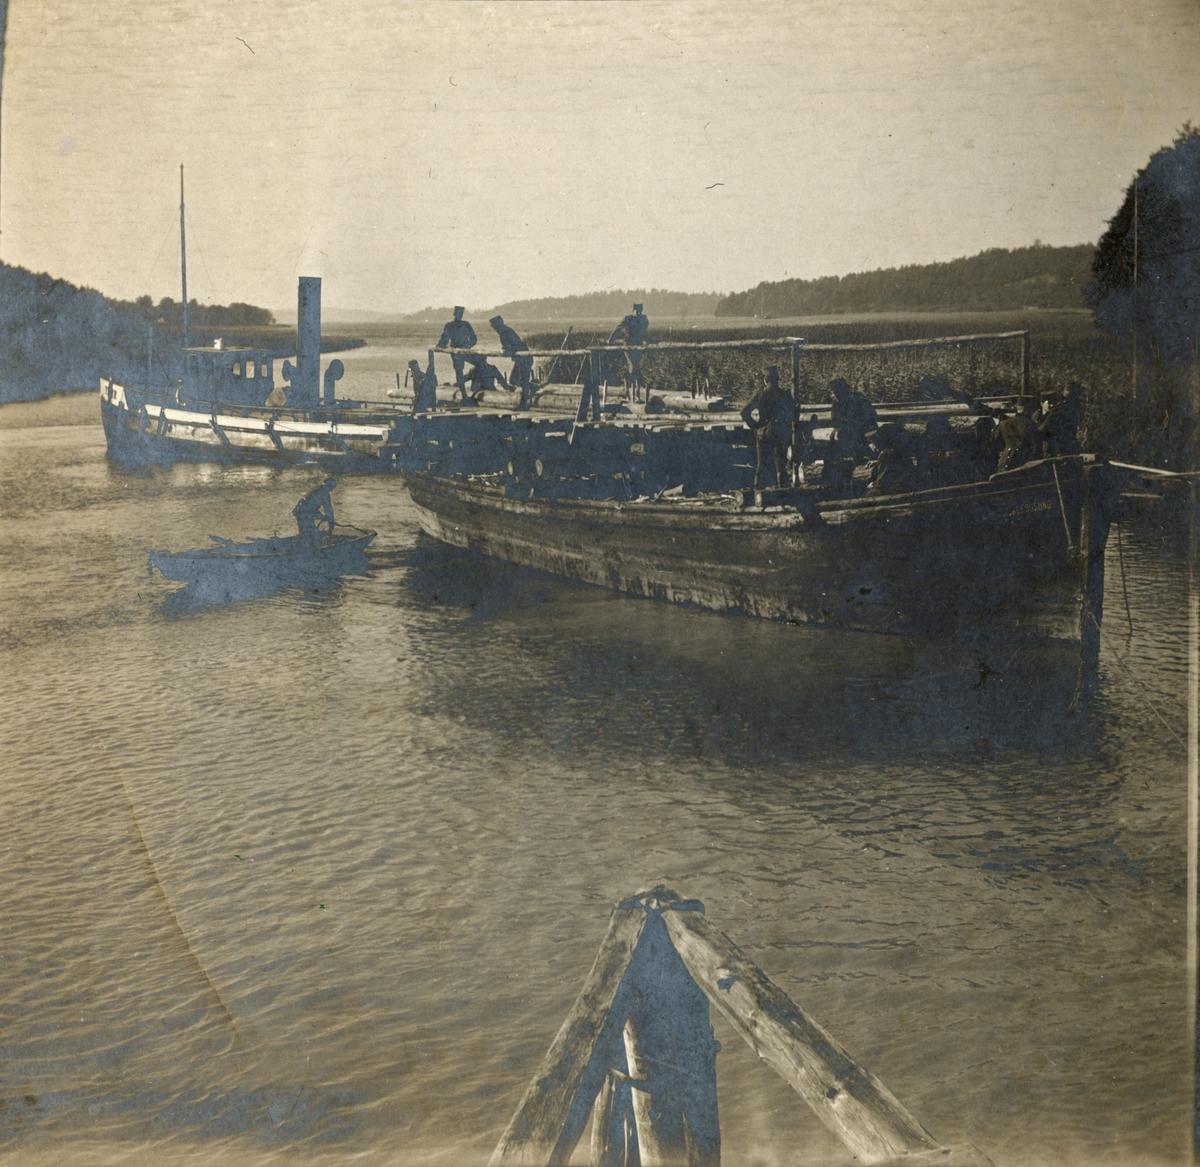 Båtar på sjön, Fortifikationen.